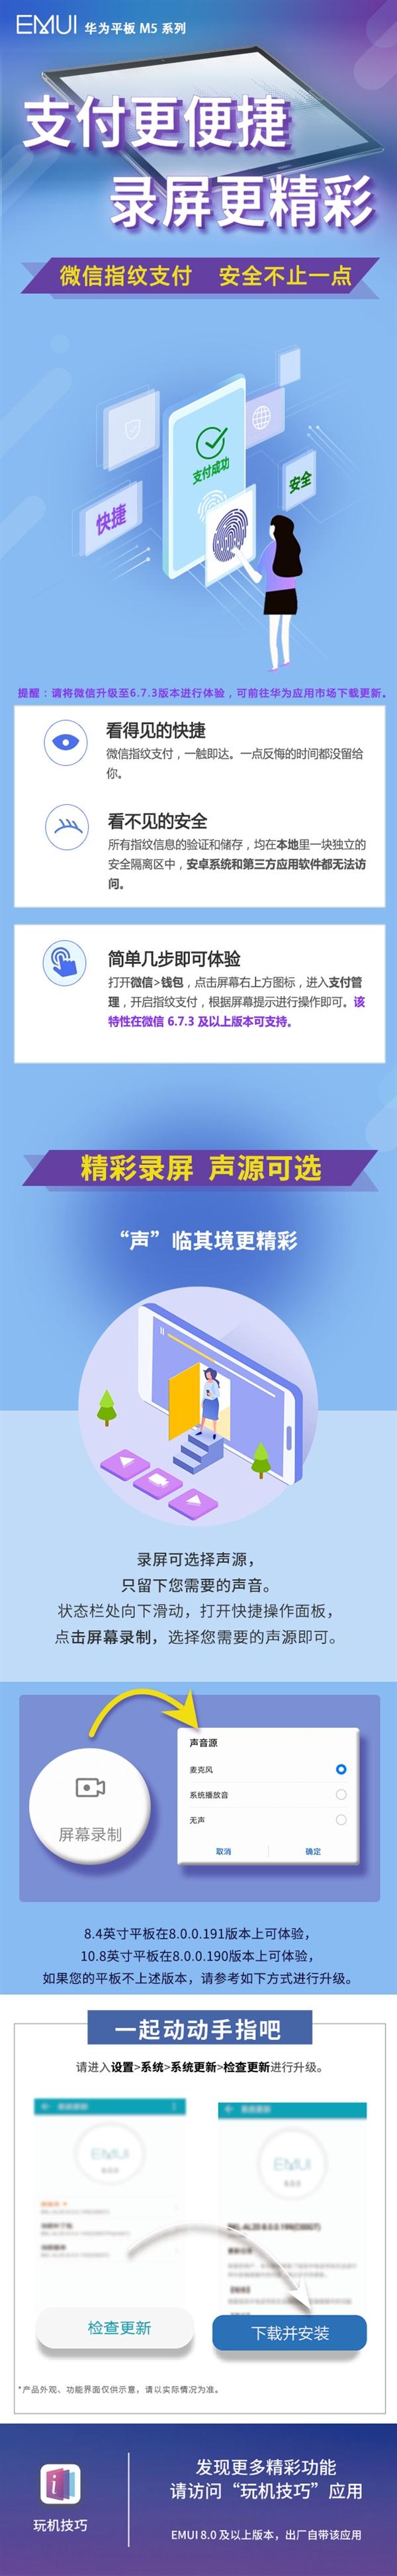 华为平板M5系列升级推送:新增微信指纹支付/录屏声源可选